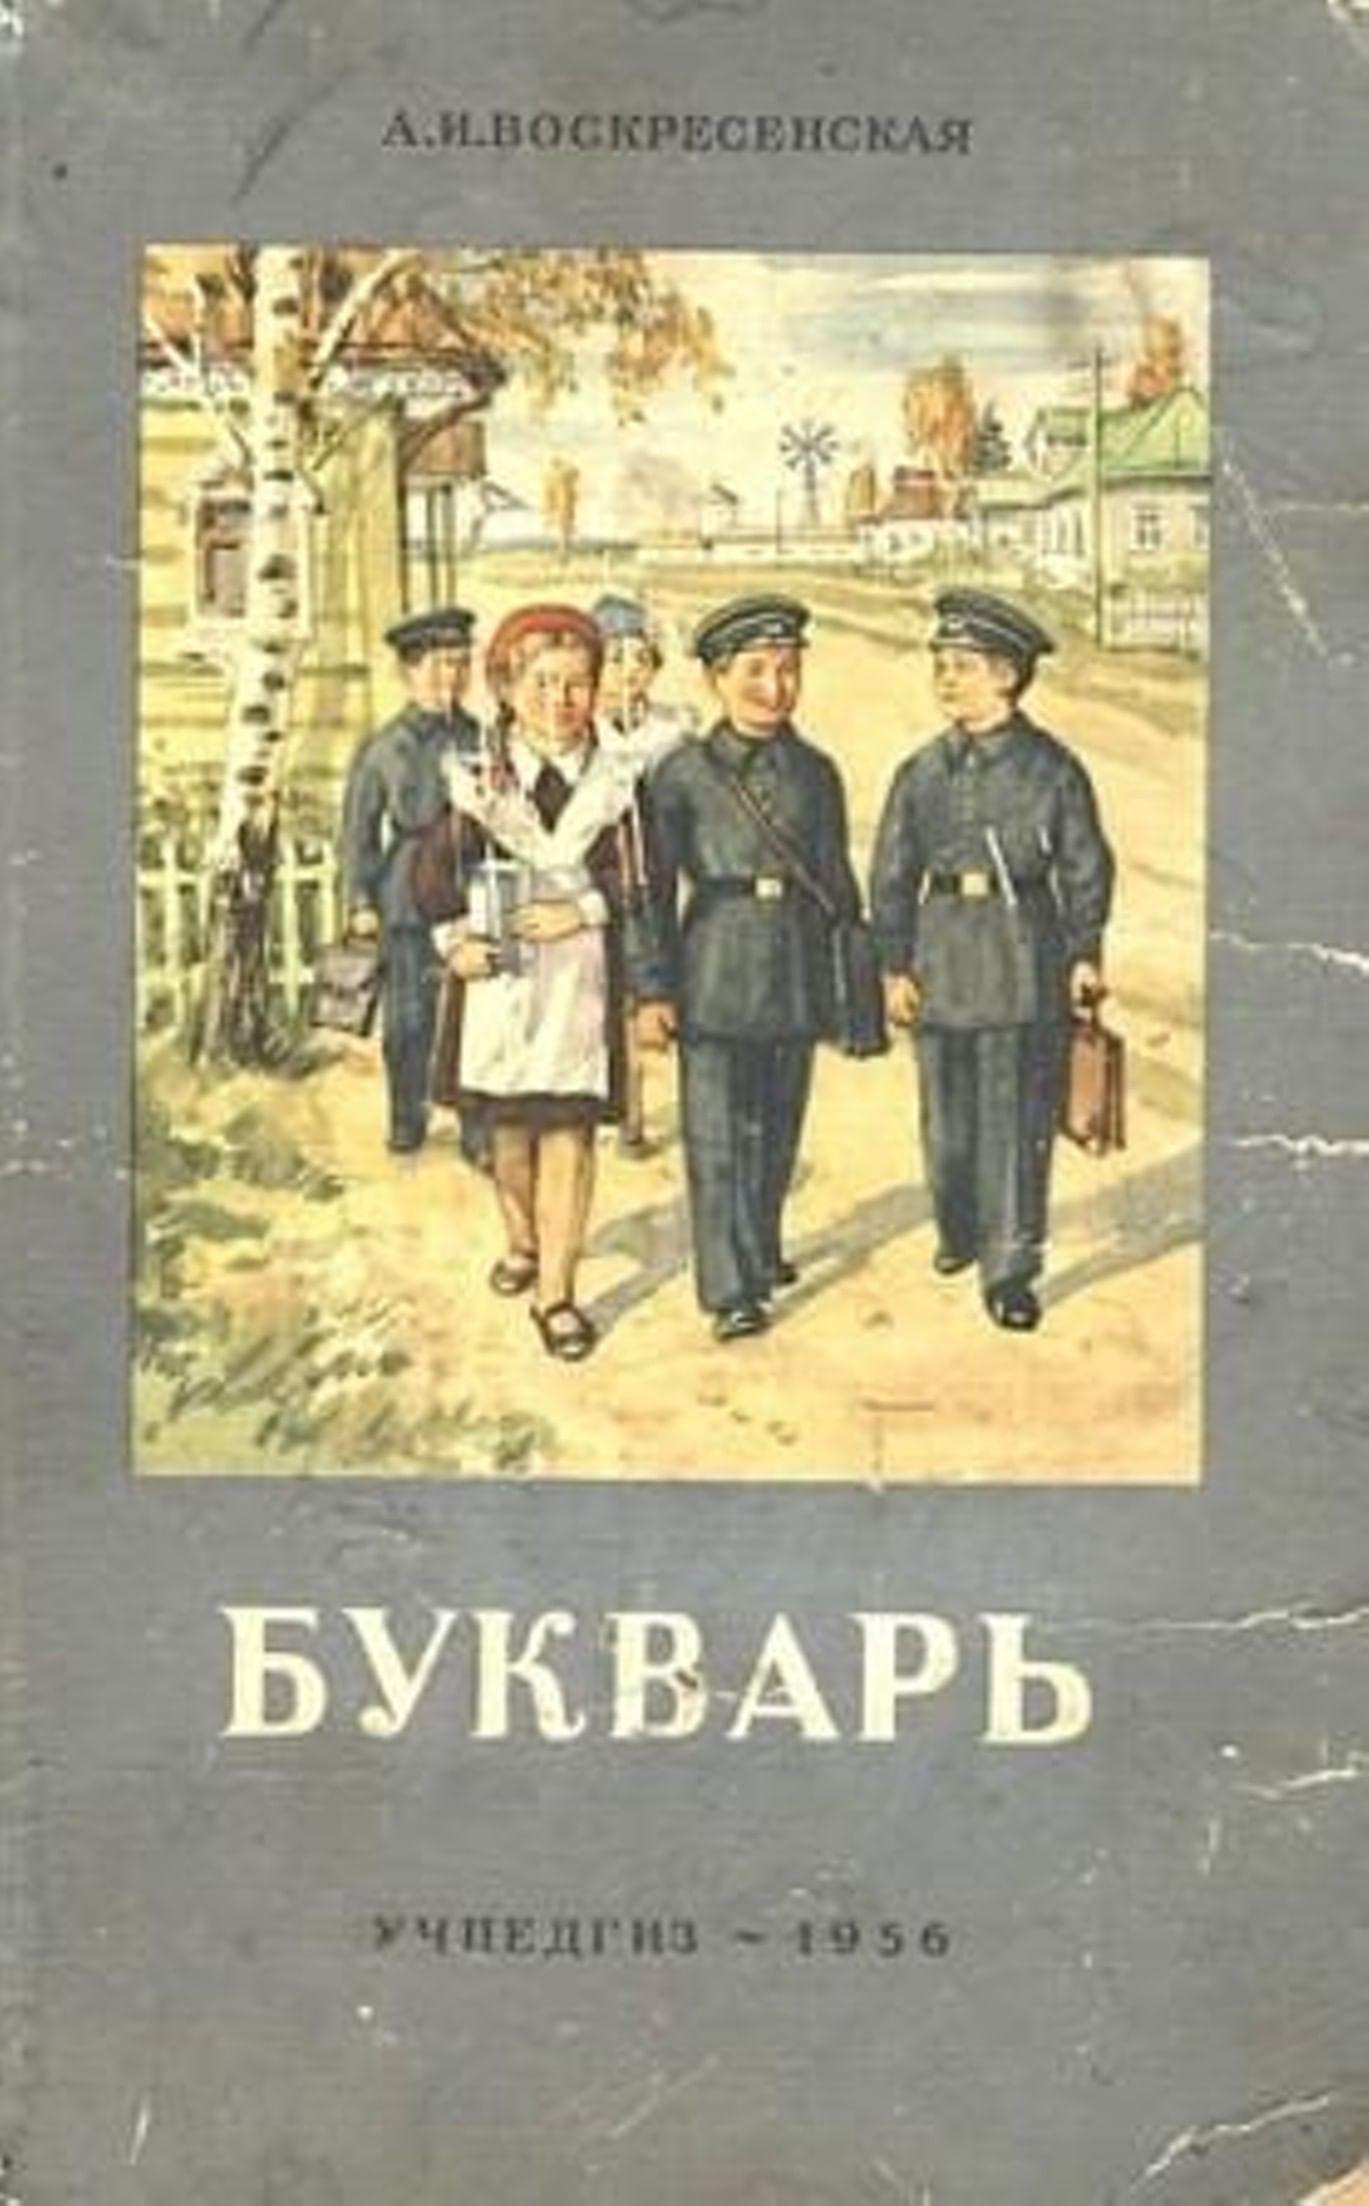 Букварь на службе ликбеза. Галерея 6. Александра Воскресенская